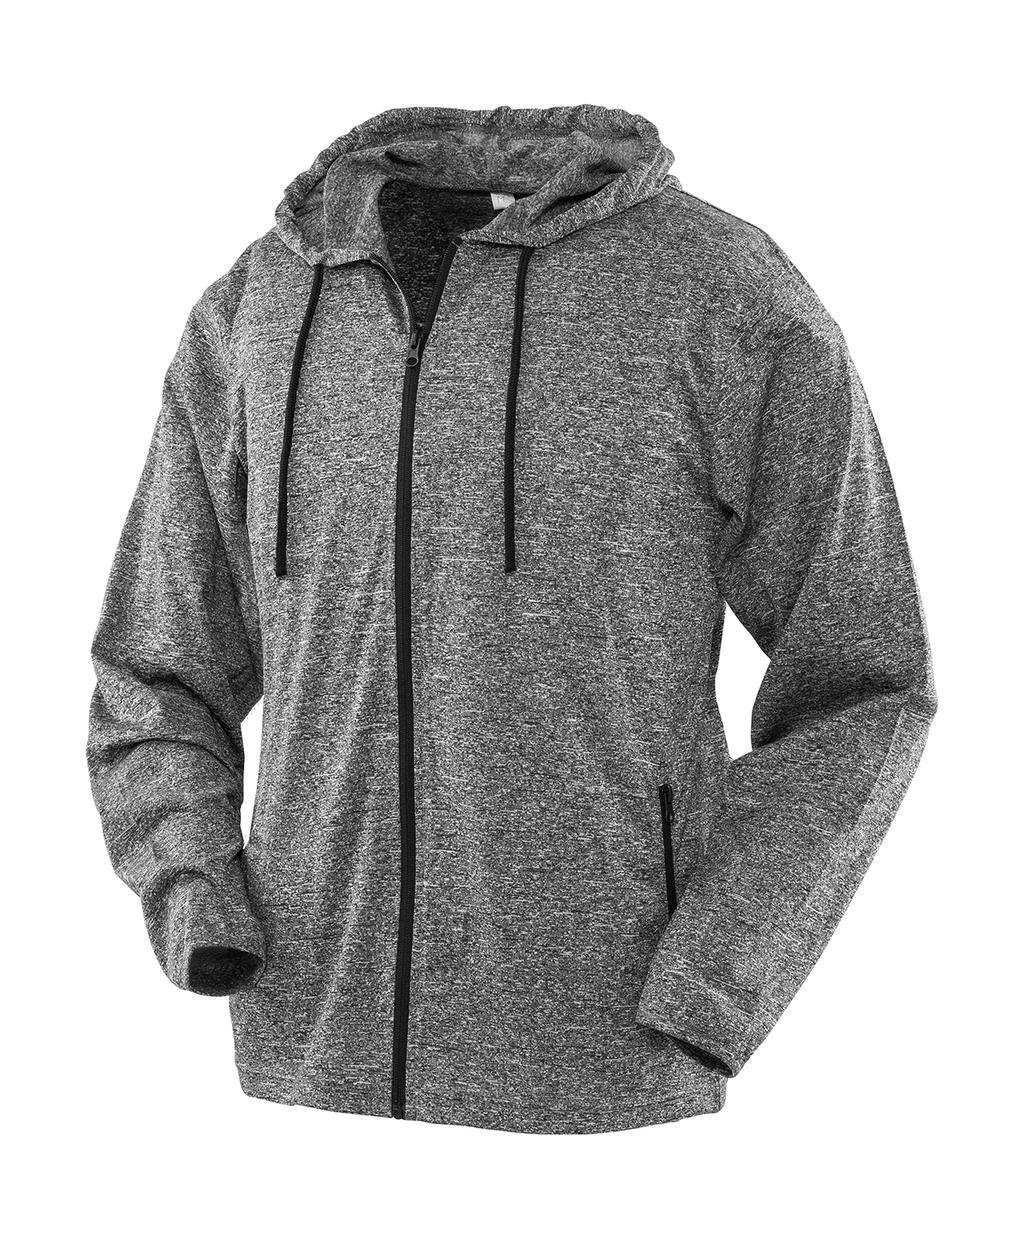 Dámská bunda s kapucí Hooded Tee - zvìtšit obrázek